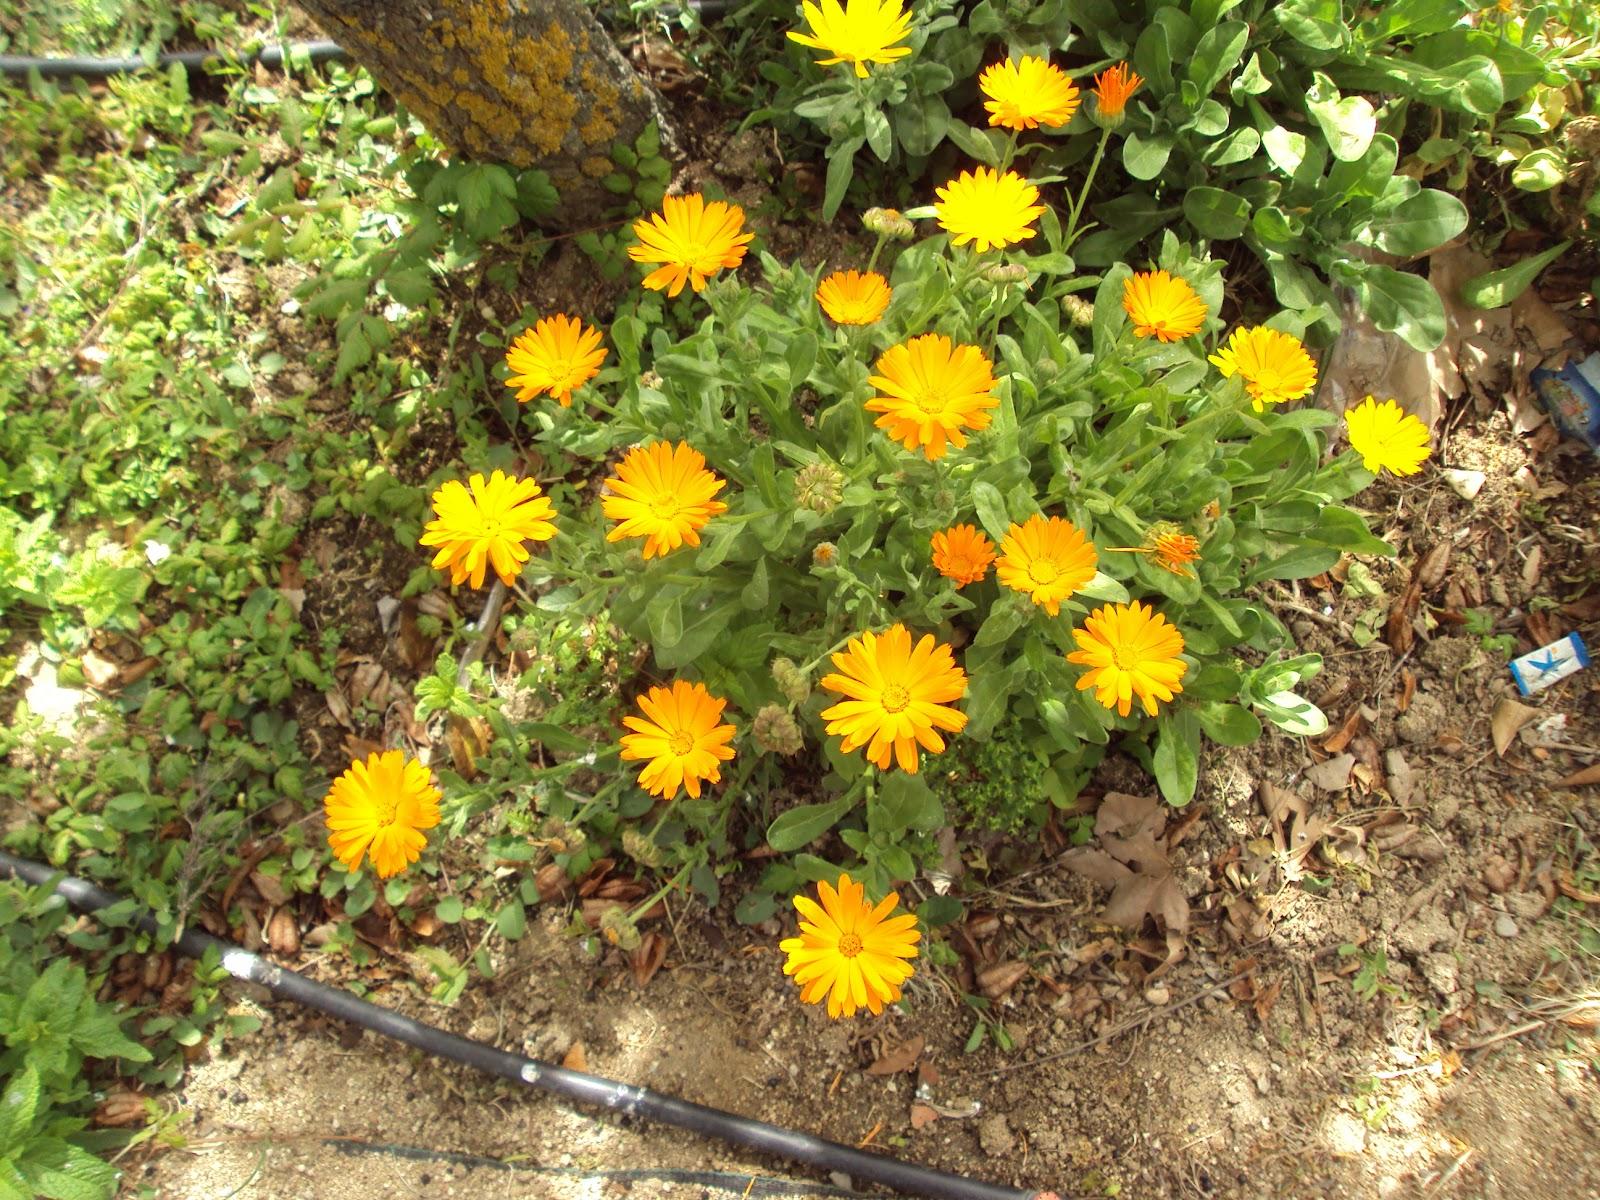 En torno al huerto planta medicinal - Plantas de huerto ...